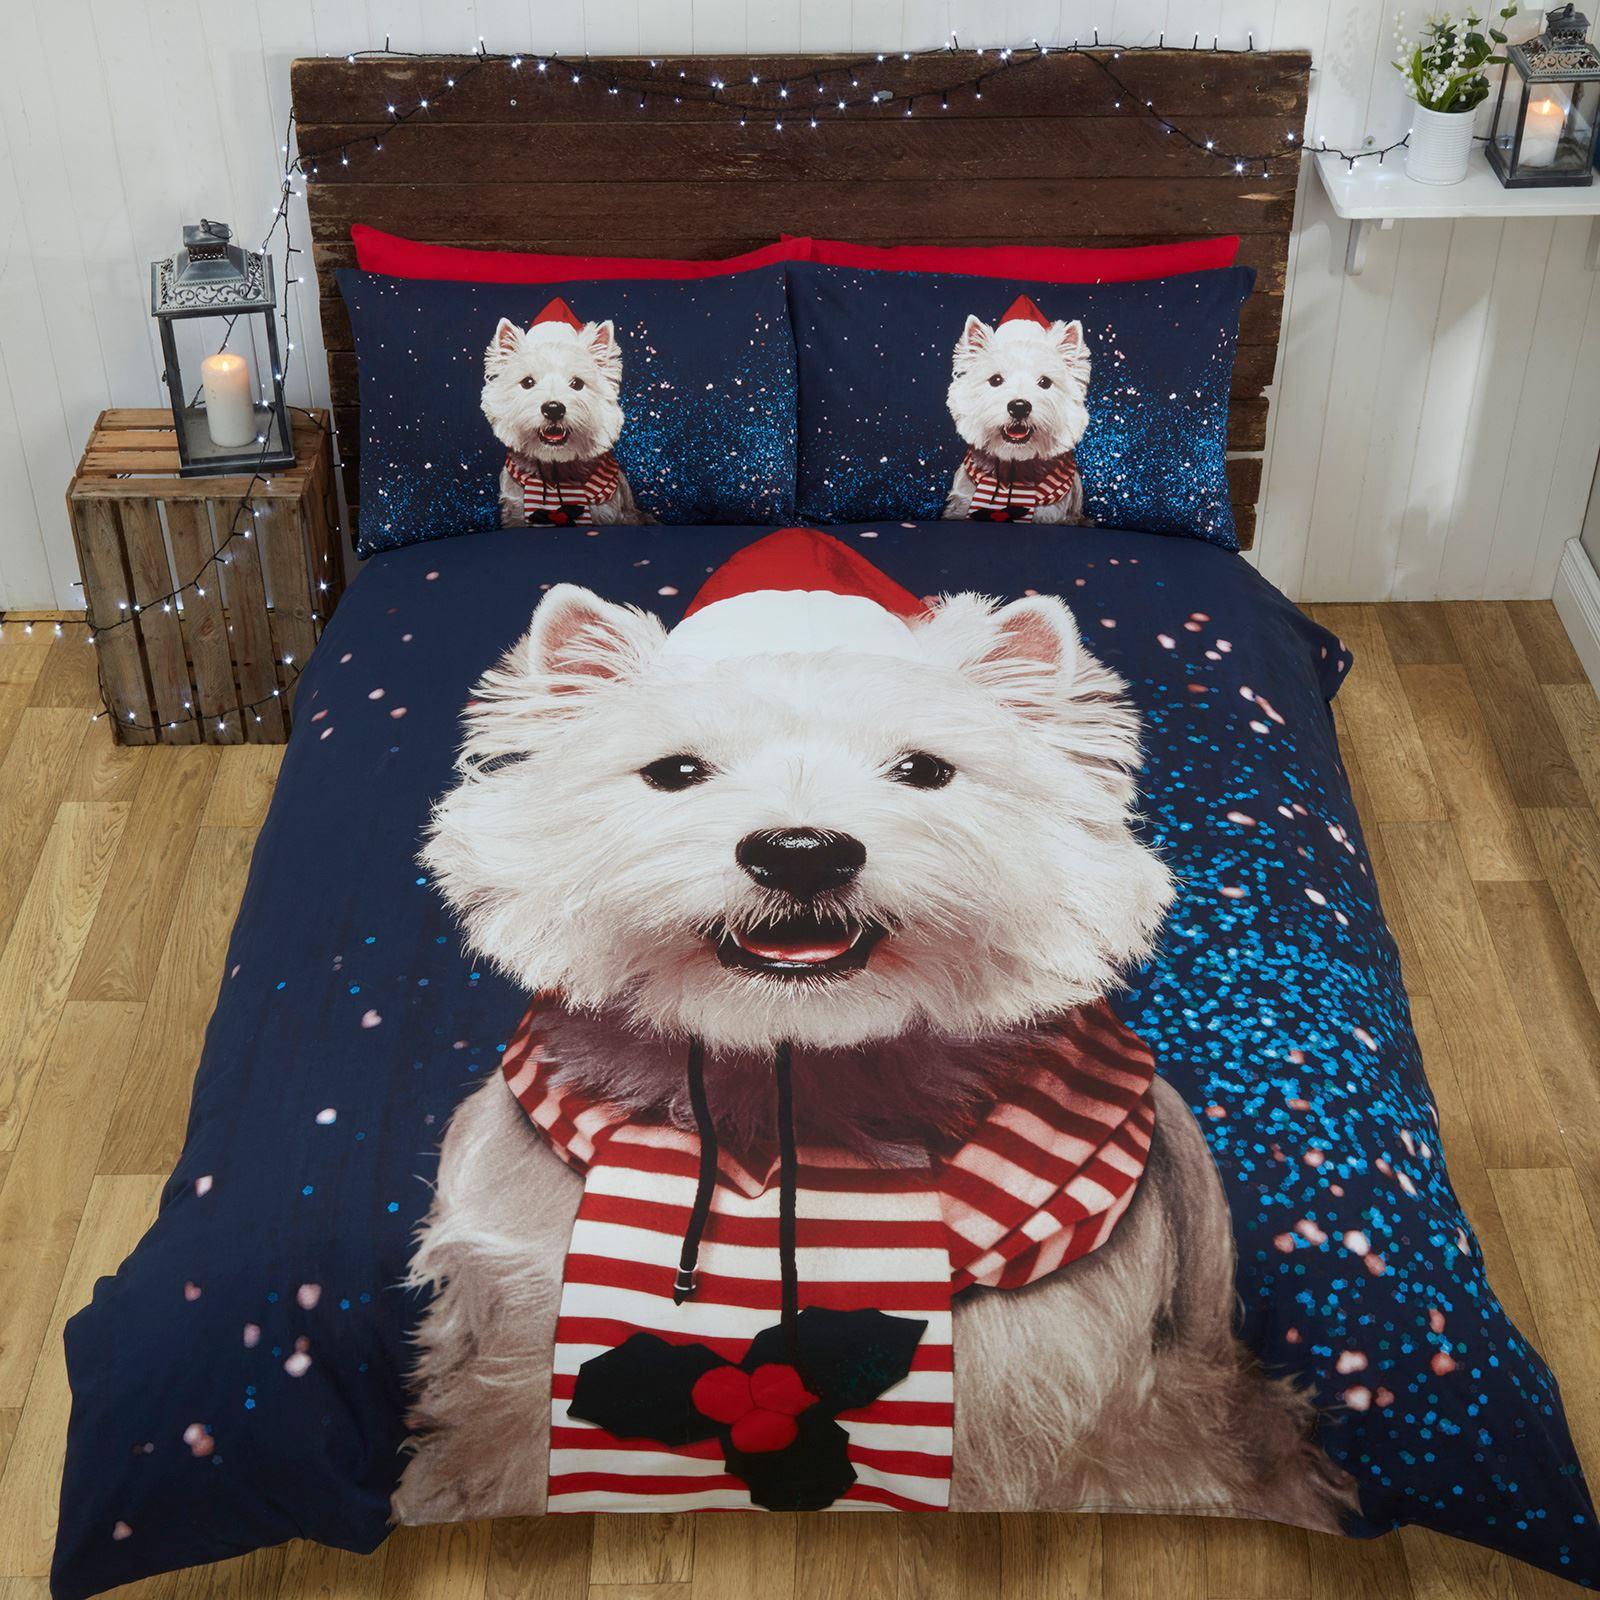 Indexbild 105 - Kinder Weihnachten Bettbezug Sets - Junior Einzel Doppel King - Elf Emoji Grinch